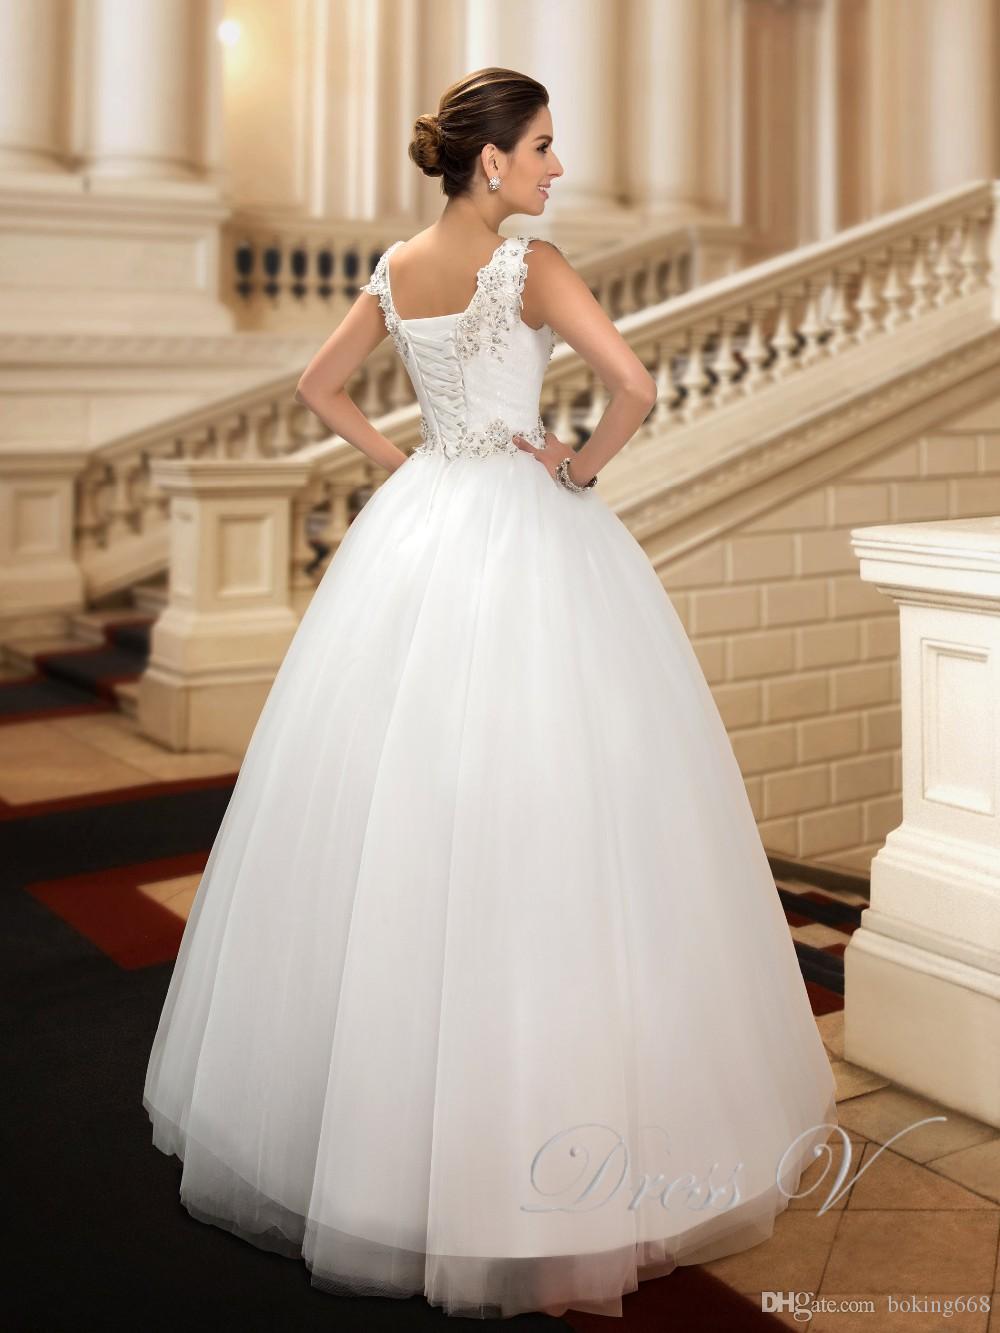 2019 Splendida V-Neck Abiti da sposa Lace Up Piano Lunghezza abito da sposa Appliques Liste Tulle Ball Gown Abito da sposa Abiti Da Sposa